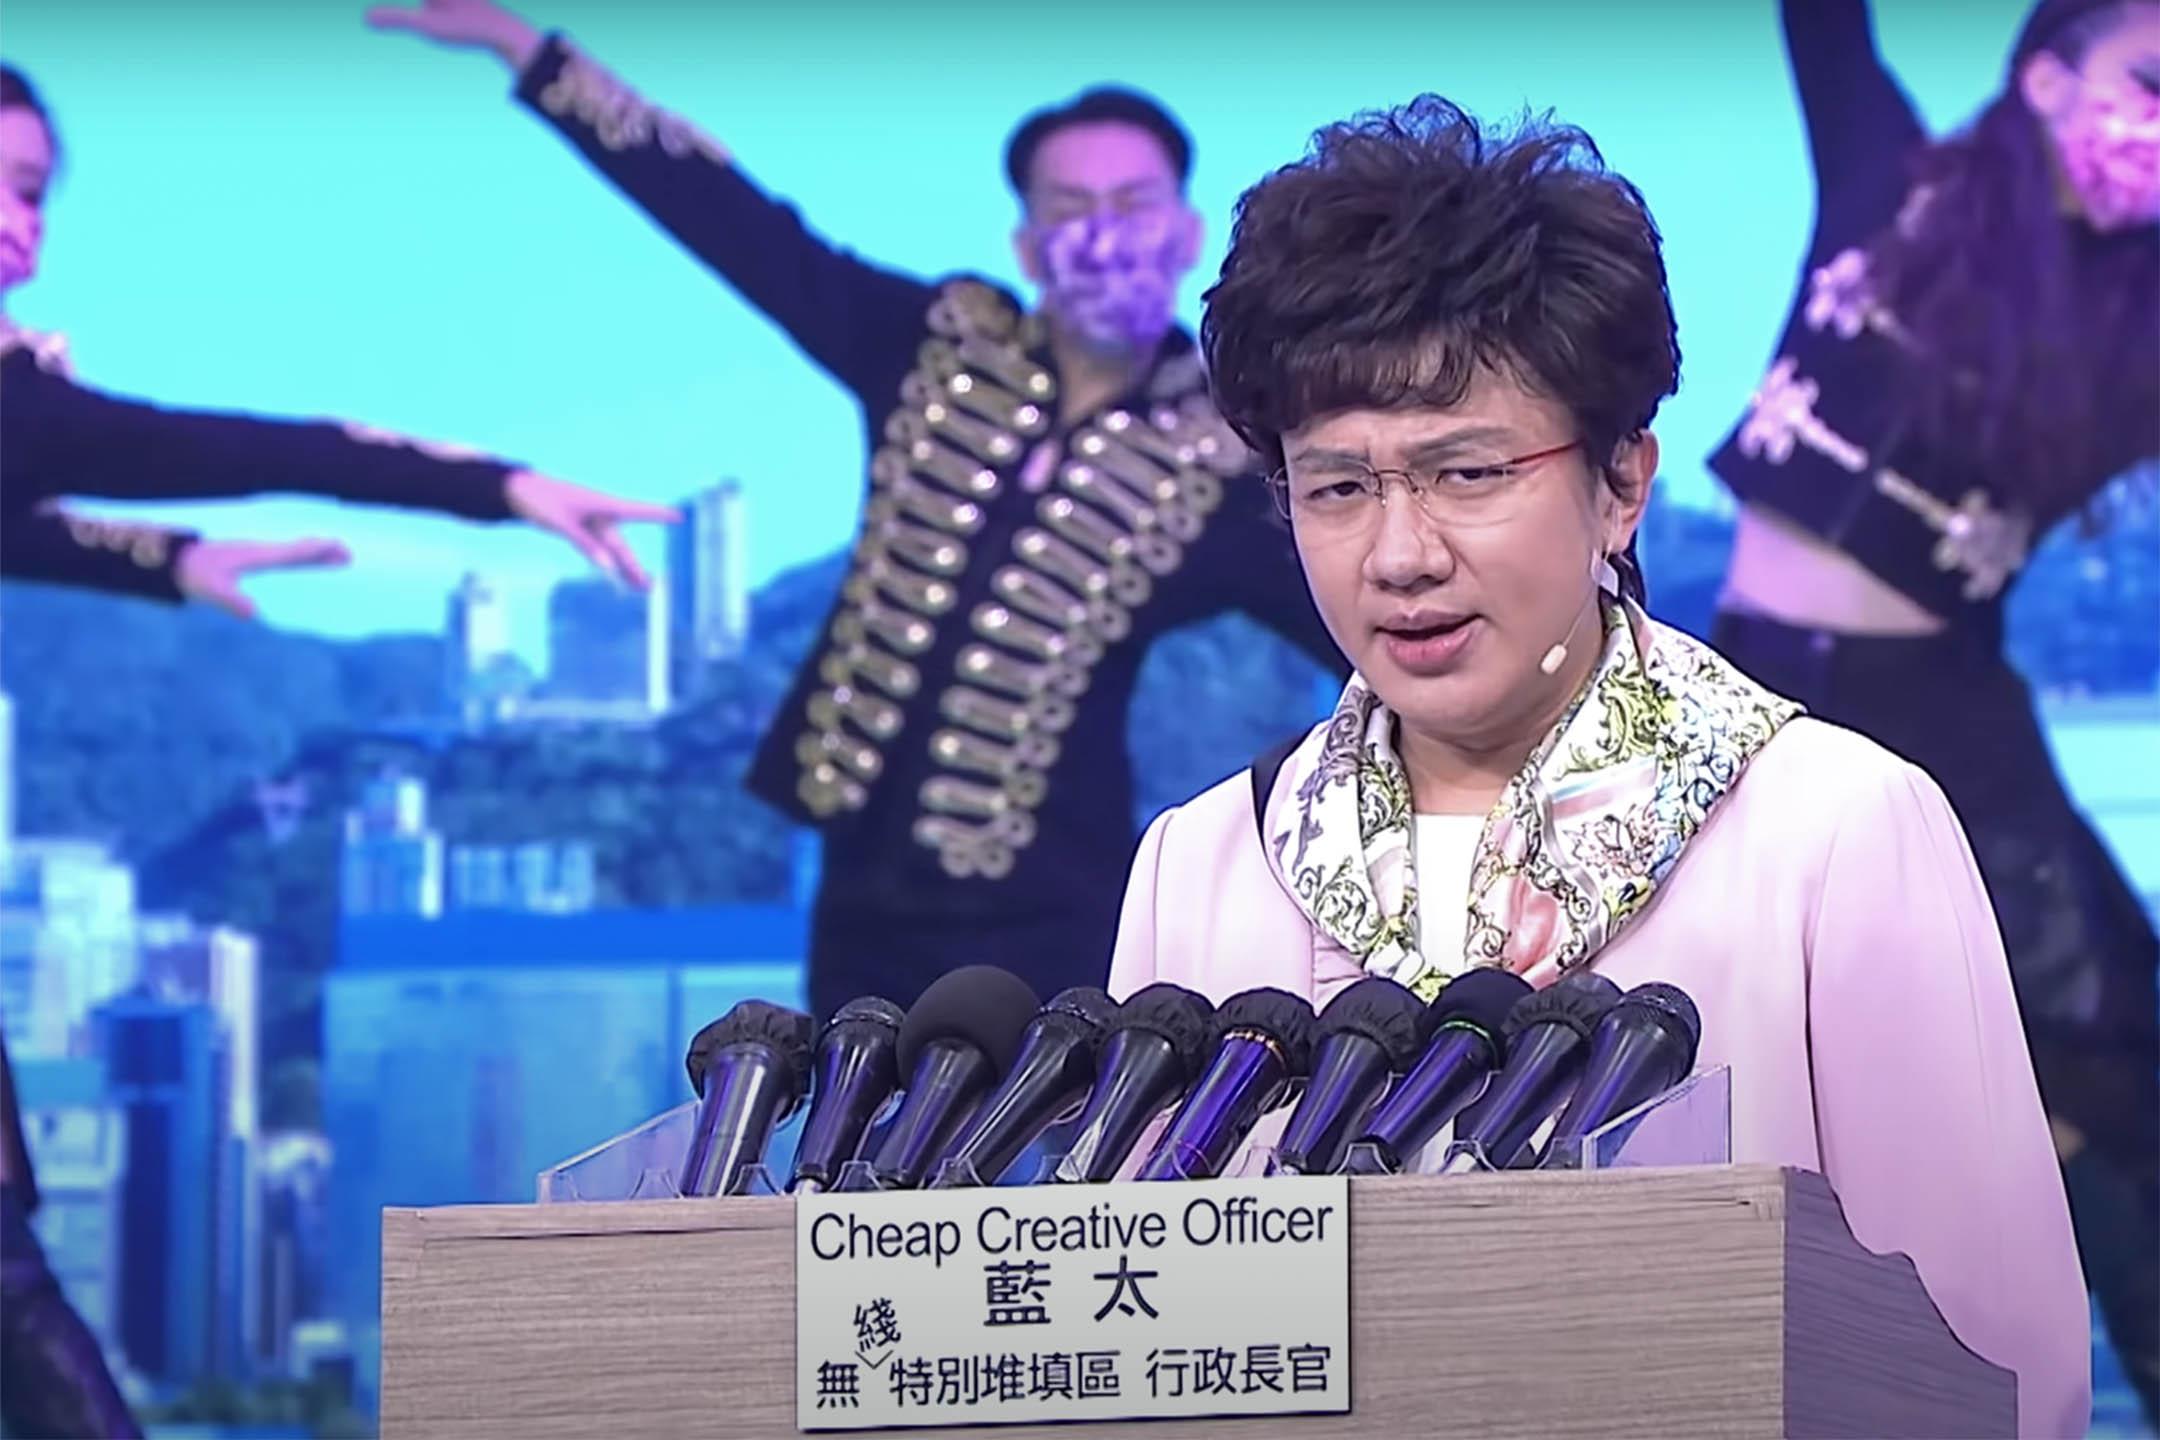 無綫電視節目《開心大綜藝》。 圖:影片截圖